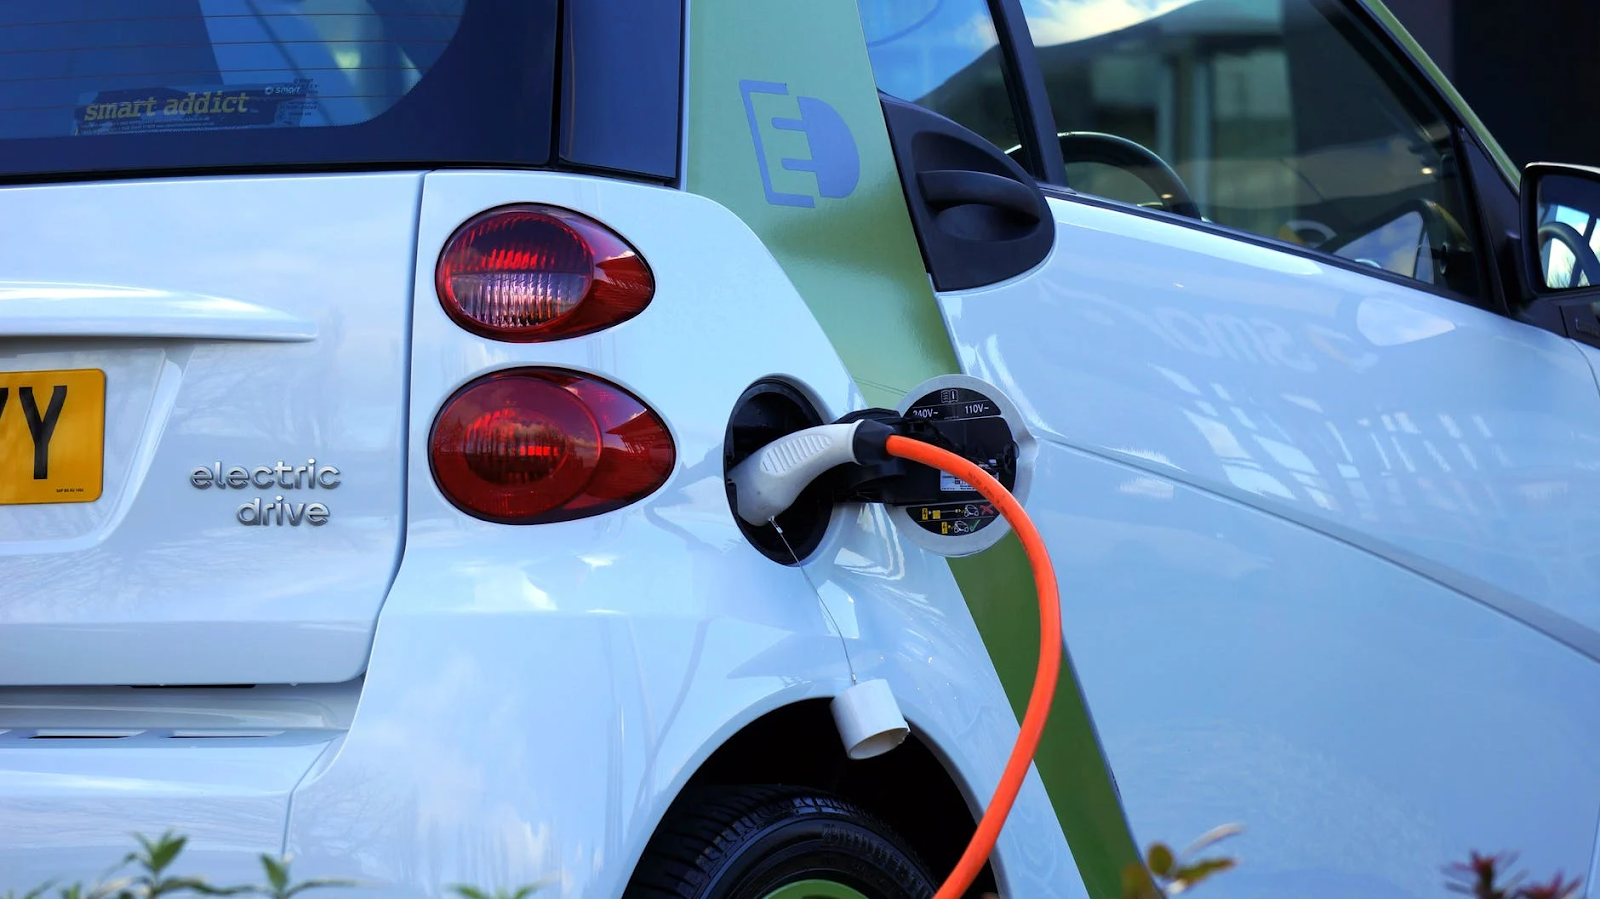 Next-Gen Battery Tech Could Make EVs Go Mainstream 1